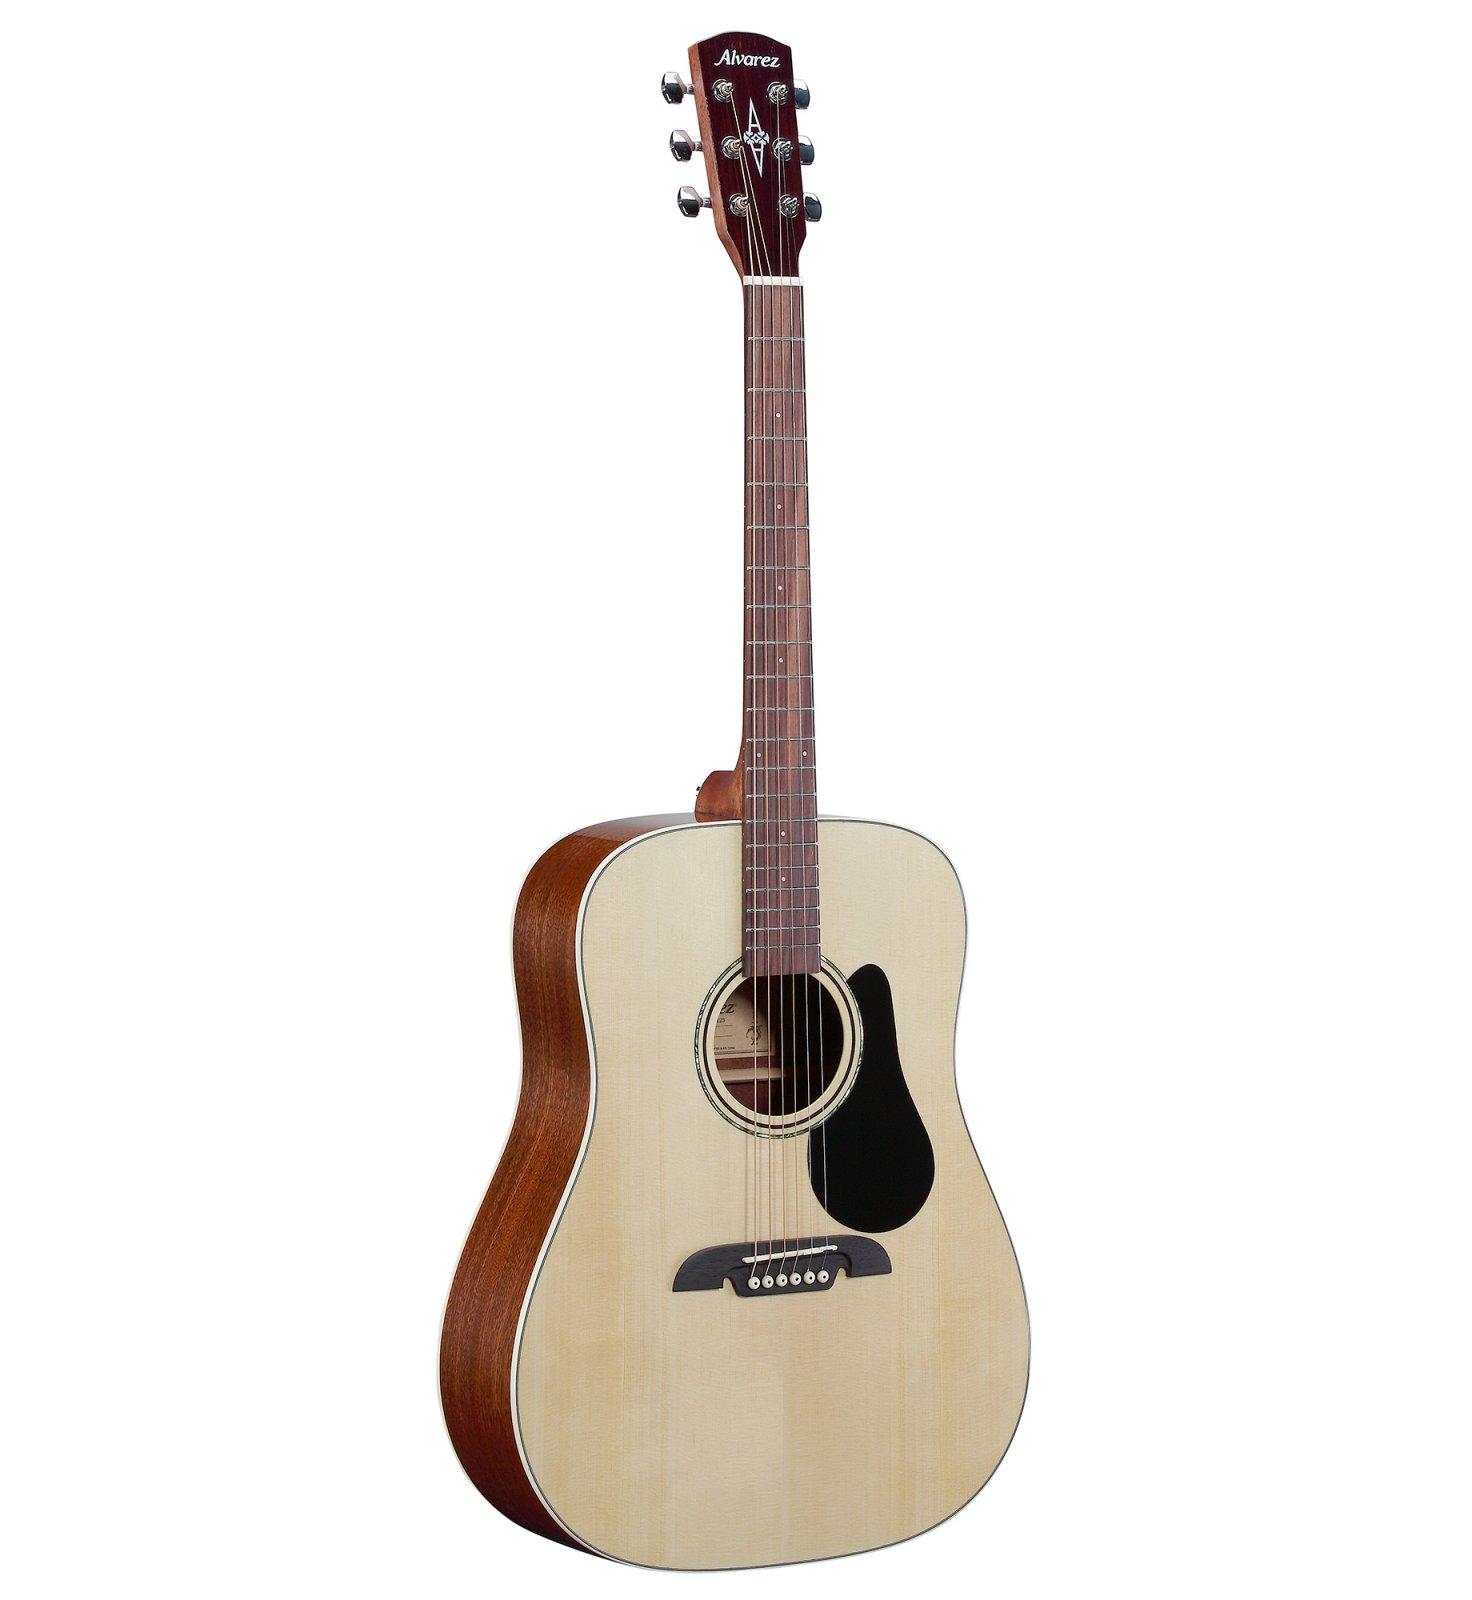 Alvarez RD26 Regent Dreadnought Acoustic Guitar Pack